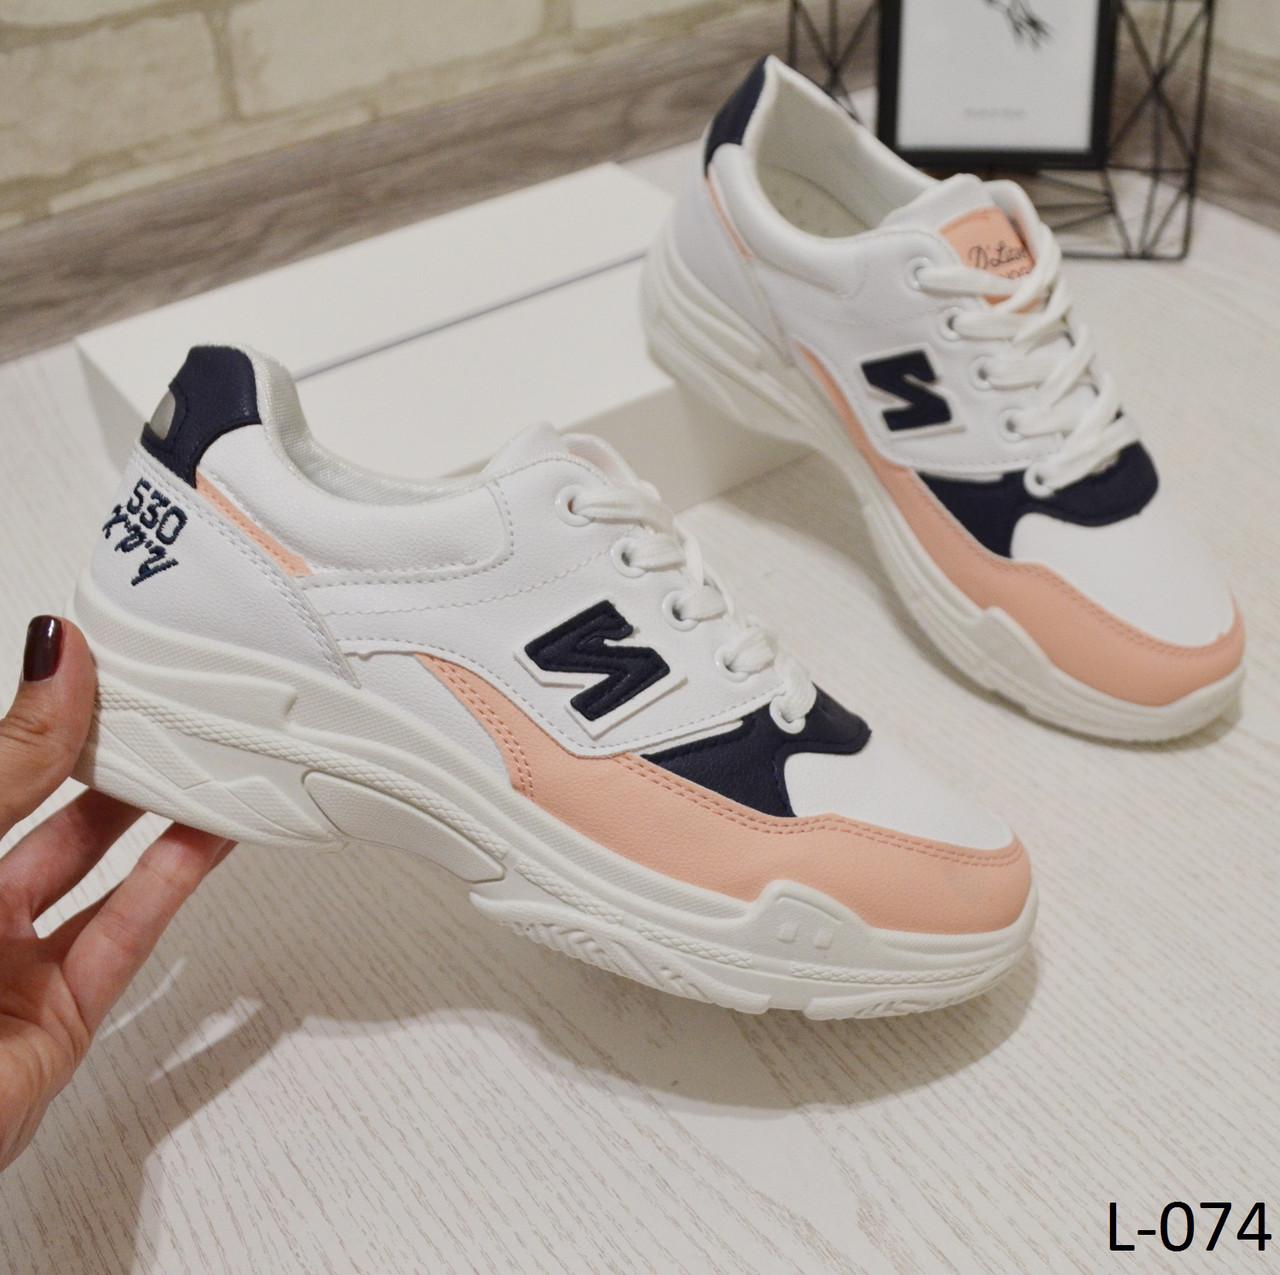 Кроссовки белые с розовым на платформе, женская спортивная обувь -  Интернет-магазин